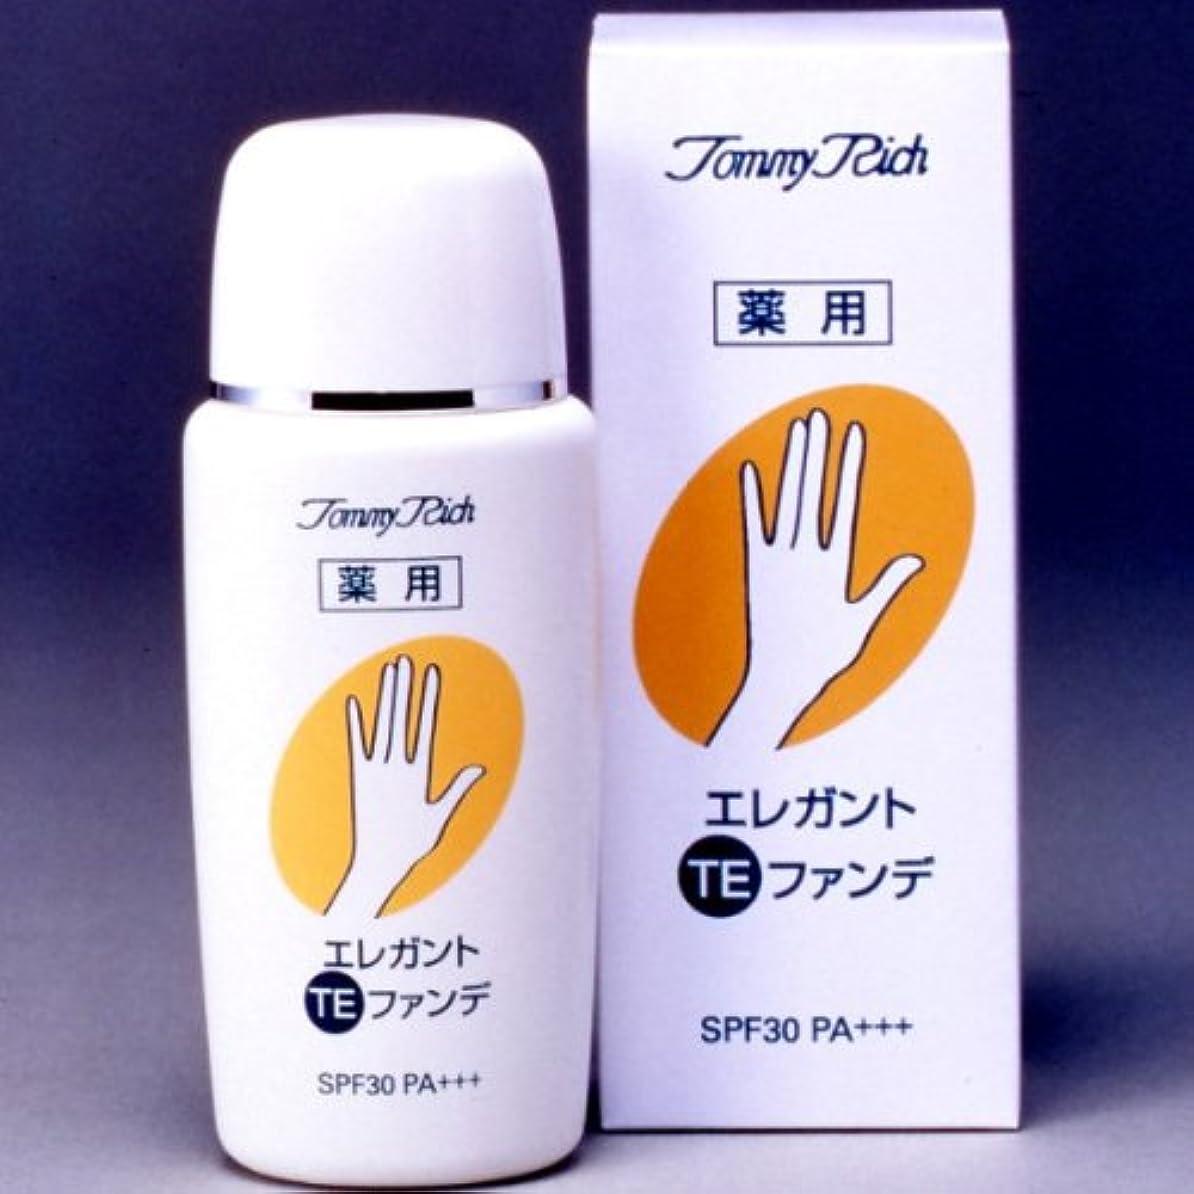 忌避剤間違い前部手や腕のシミや老班をカバーして、白く清潔で美しい手になる!!『薬用エレガントTEファンデ 』